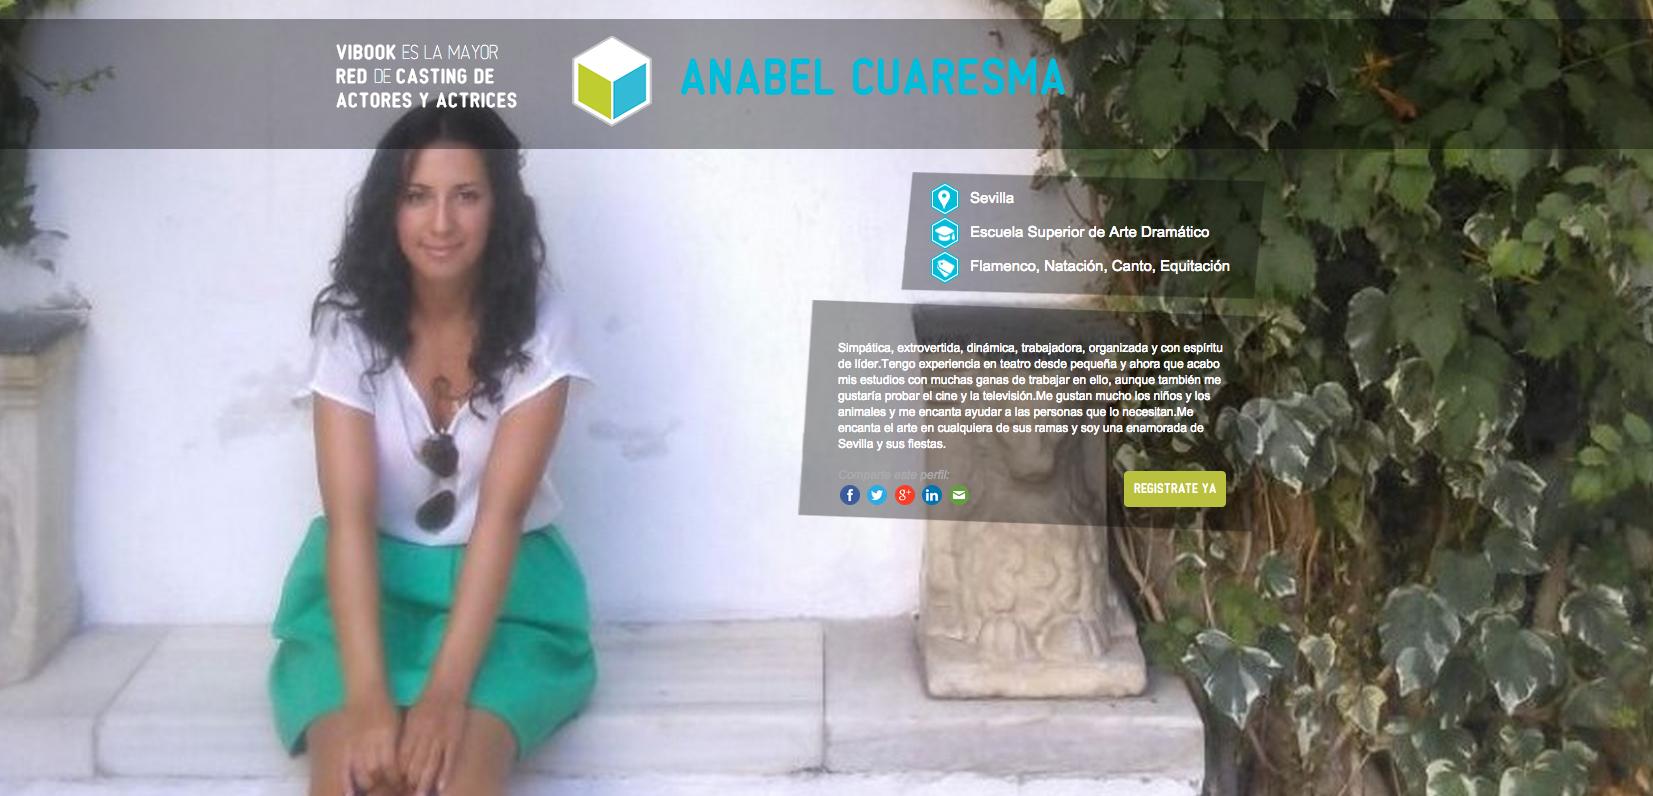 Anabel Verdu actriz anabel cuaresma | actores y actrices en vibook